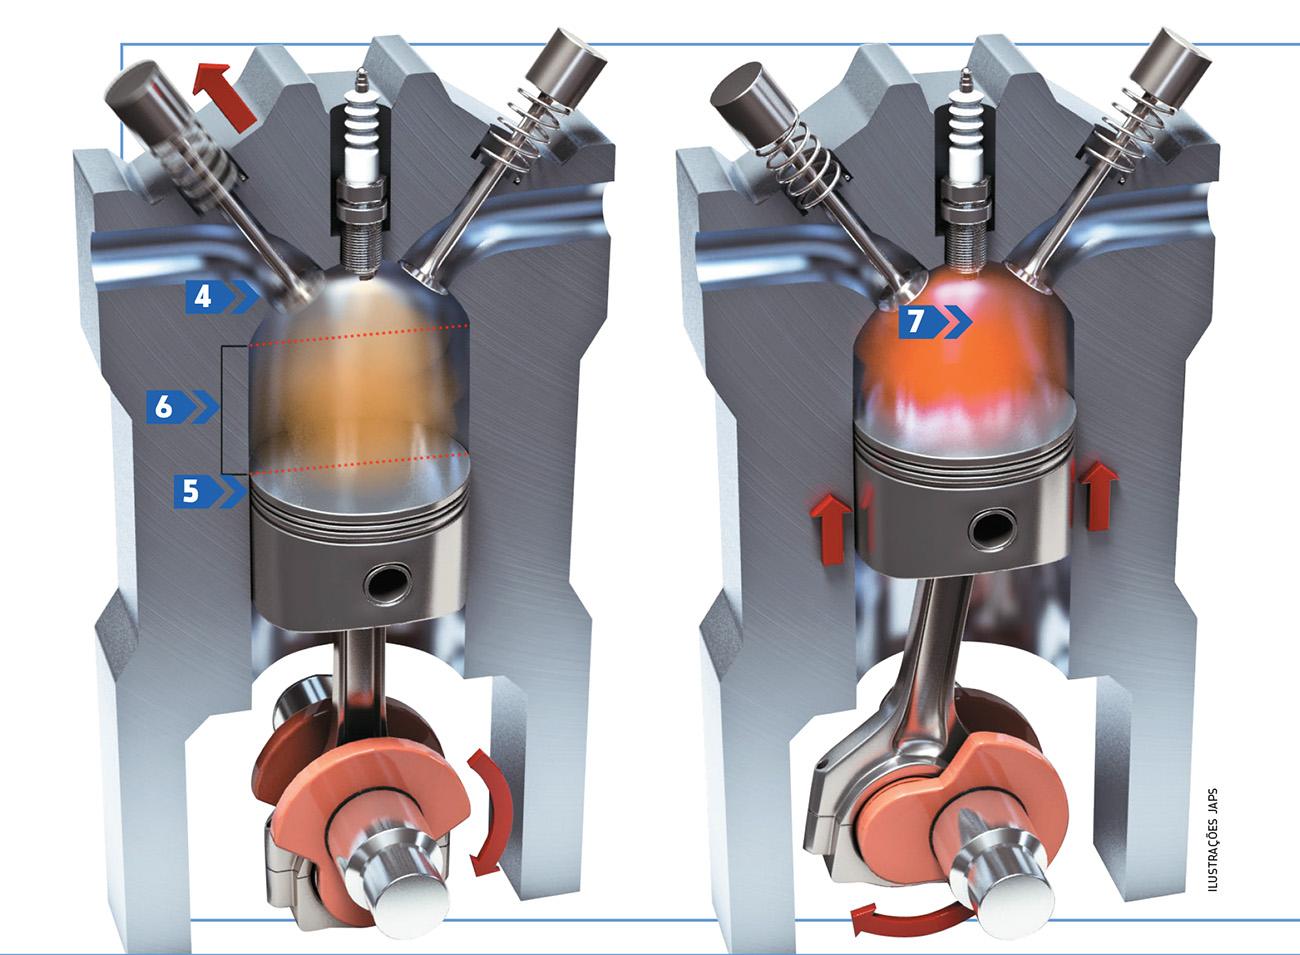 O fechamento da válvula de admissão (4), que se dá quando o pistão acabou de passar pelo PMI (ponto-morto inferior) (5), no ciclo Otto, inicia o curso de compressão (6). Com isso, quase todo o curso de subida do pistão é de compressão (7) e esse curso é muito próximo do de expansão. Isso aumenta as chamadas perdas por bombeamento.